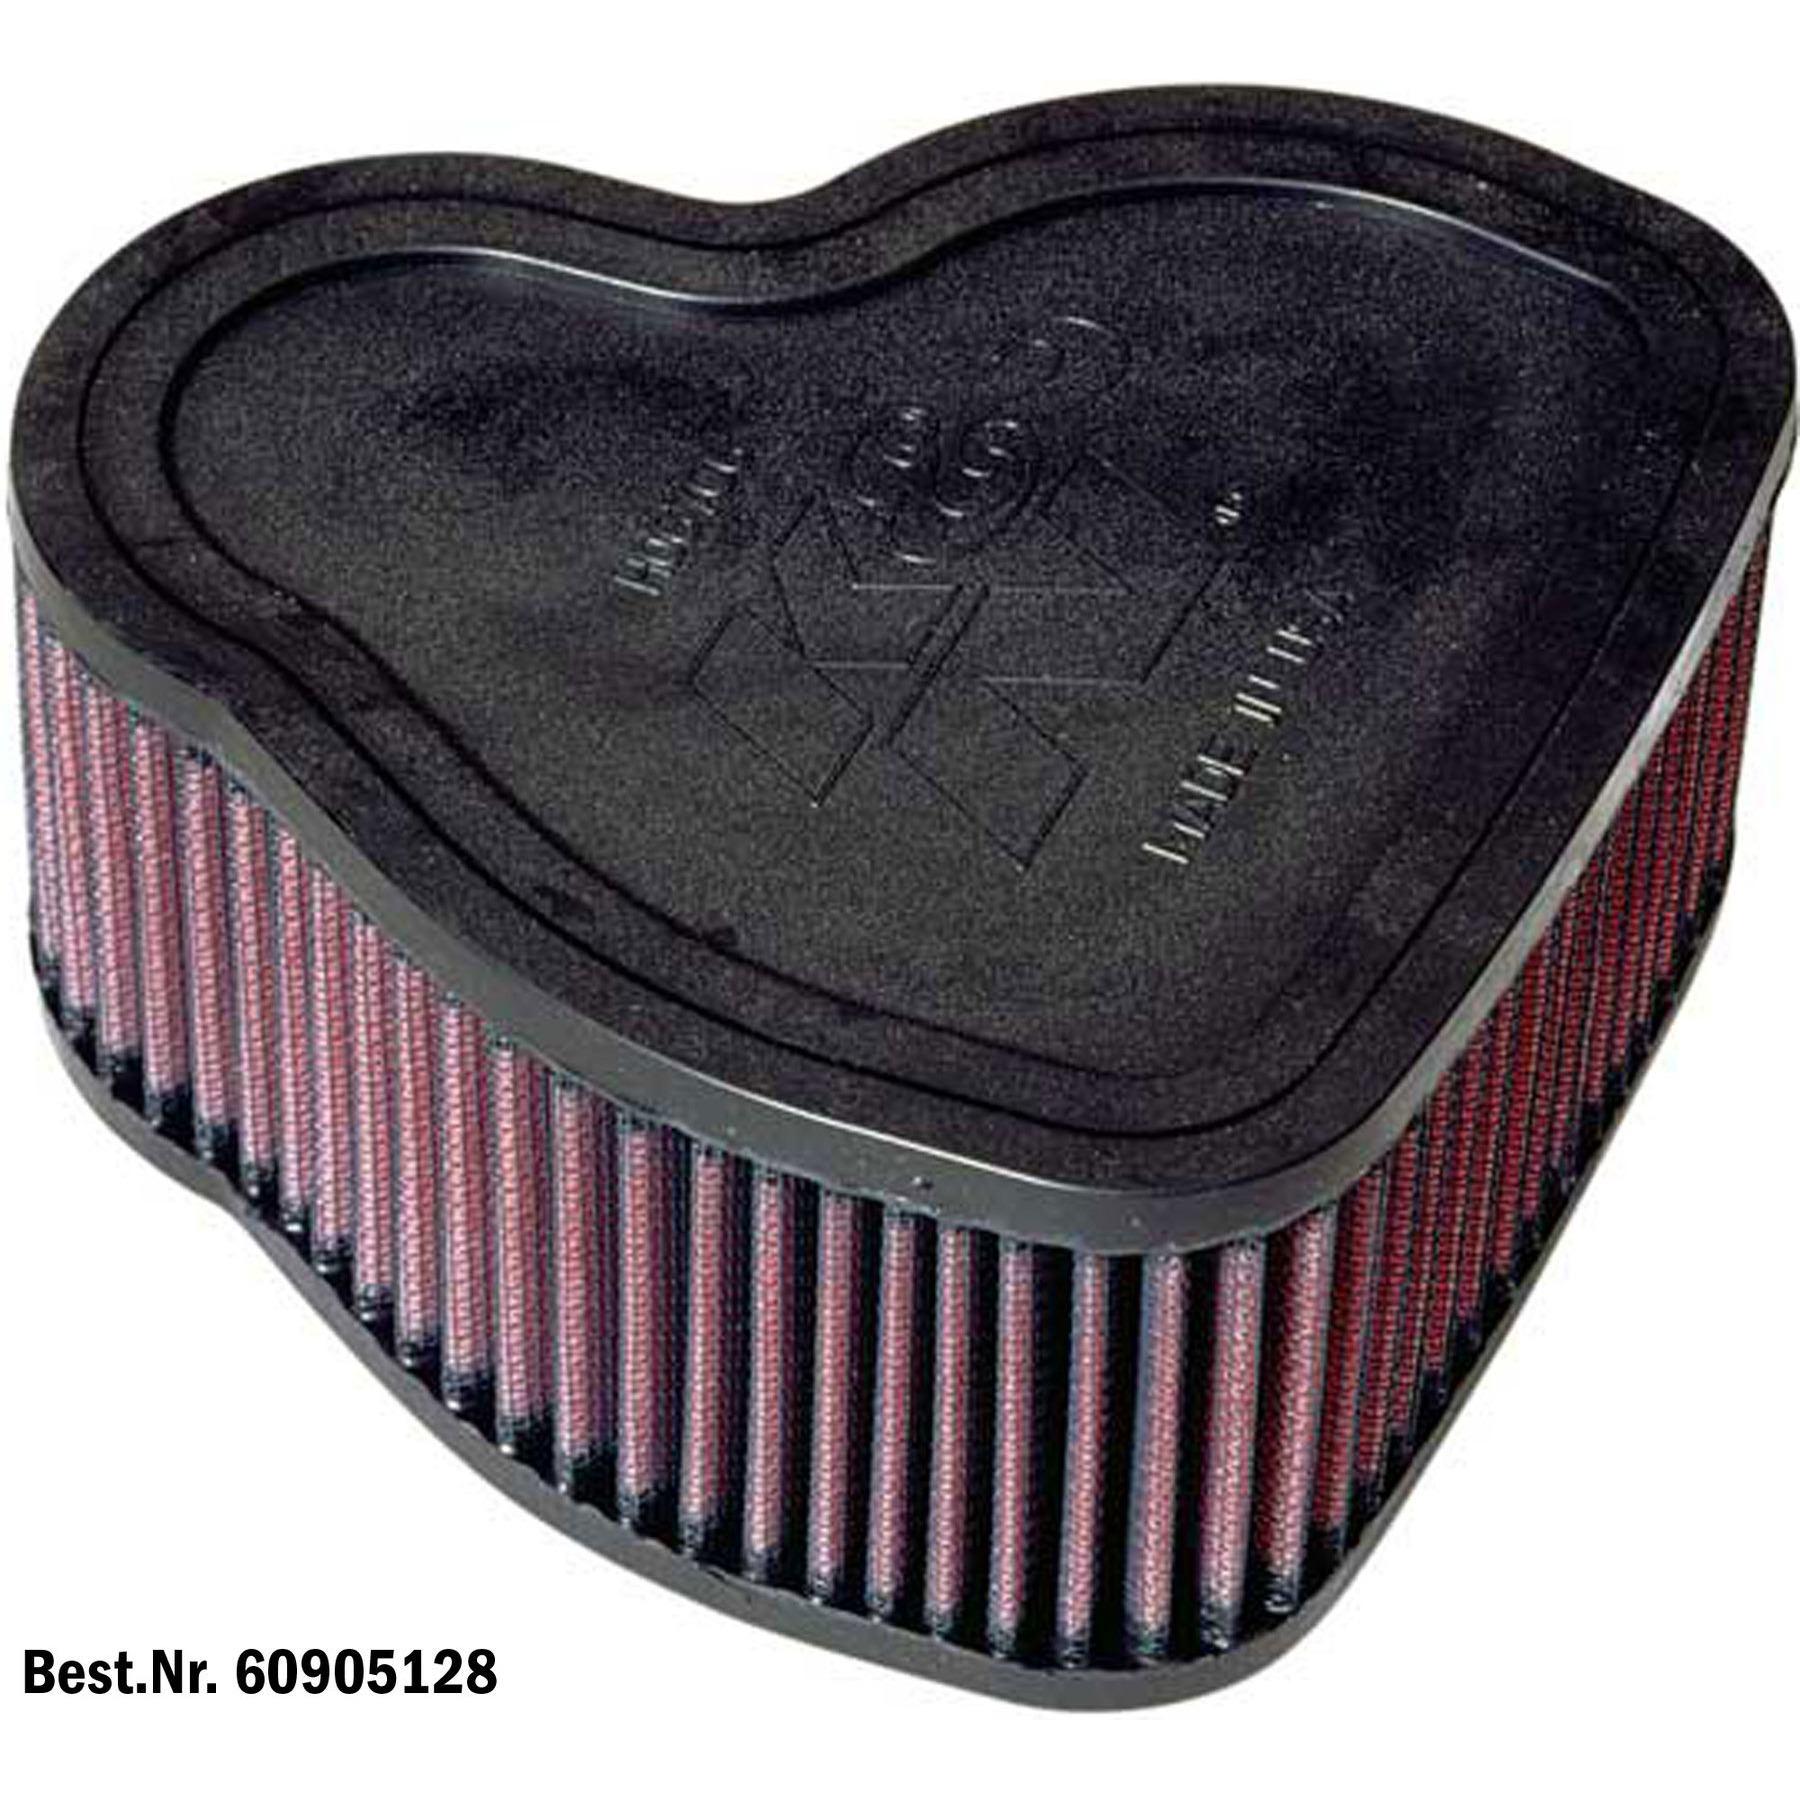 03-08 Filtre à air pour 450 ccm Honda CRF 450 R Bj